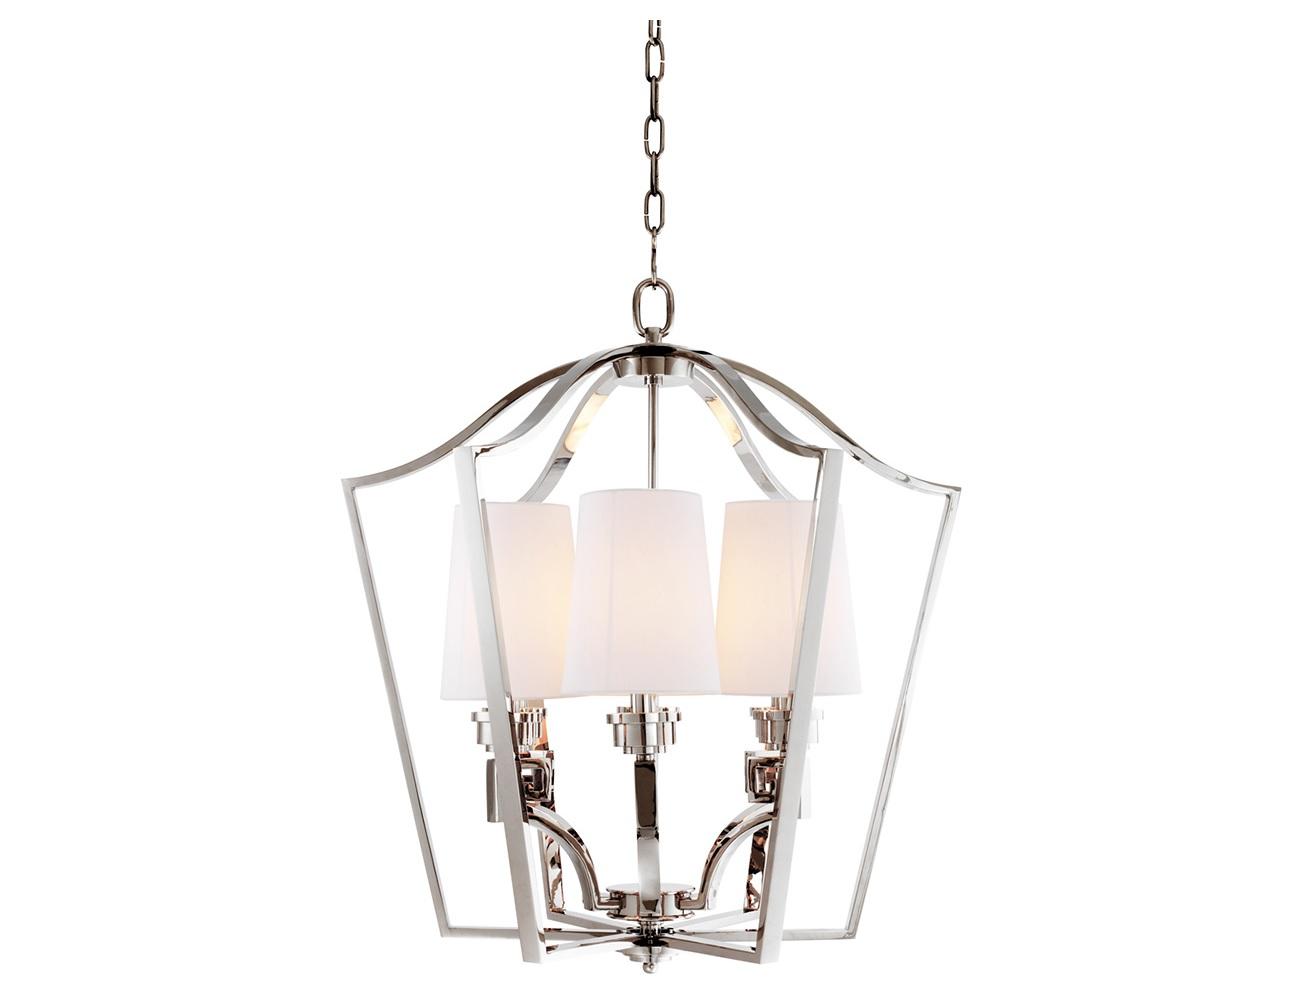 Подвесной светильник PresidentialПодвесные светильники<br>Подвесной светильник 6-ти рожковый из коллекции Presidential L на никелированной арматуре. Тканевые абажуры белого цвета скрывают лампы. Высота светильника регулируется за счет звеньев цепи.&amp;lt;div&amp;gt;&amp;lt;br&amp;gt;&amp;lt;/div&amp;gt;&amp;lt;div&amp;gt;Вид цоколя: E14&amp;lt;/div&amp;gt;&amp;lt;div&amp;gt;Мощность лампы: 40W&amp;lt;/div&amp;gt;&amp;lt;div&amp;gt;Количество ламп: 6&amp;lt;/div&amp;gt;&amp;lt;div&amp;gt;&amp;lt;br&amp;gt;&amp;lt;/div&amp;gt;&amp;lt;div&amp;gt;Лампочки в комплект не входят.&amp;lt;/div&amp;gt;<br><br>Material: Металл<br>Ширина см: 77<br>Высота см: 82<br>Глубина см: 77